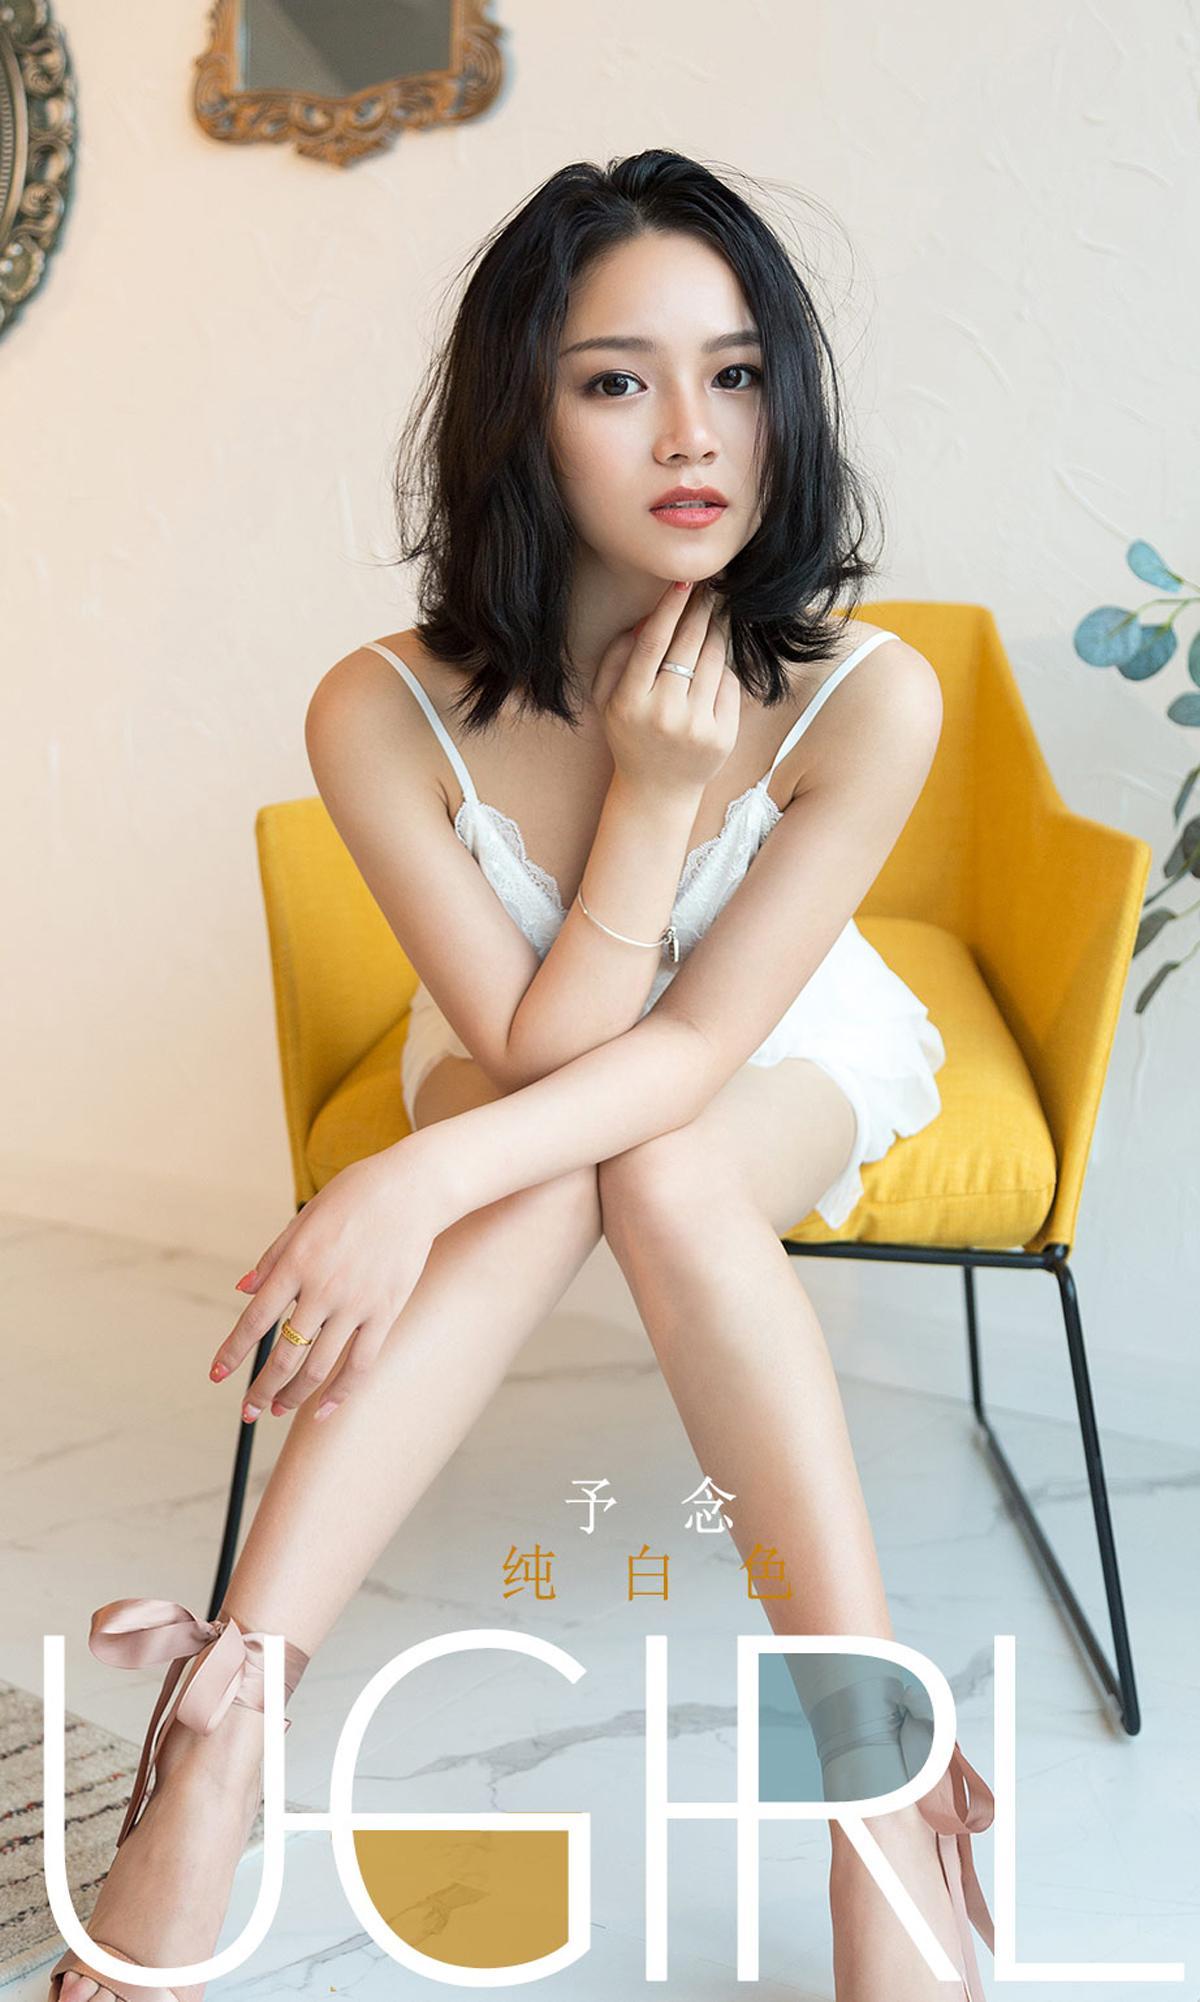 [Ugirls 愛尤物] 2020刊 No.1690 予念 - 貼圖 - 清涼寫真 -